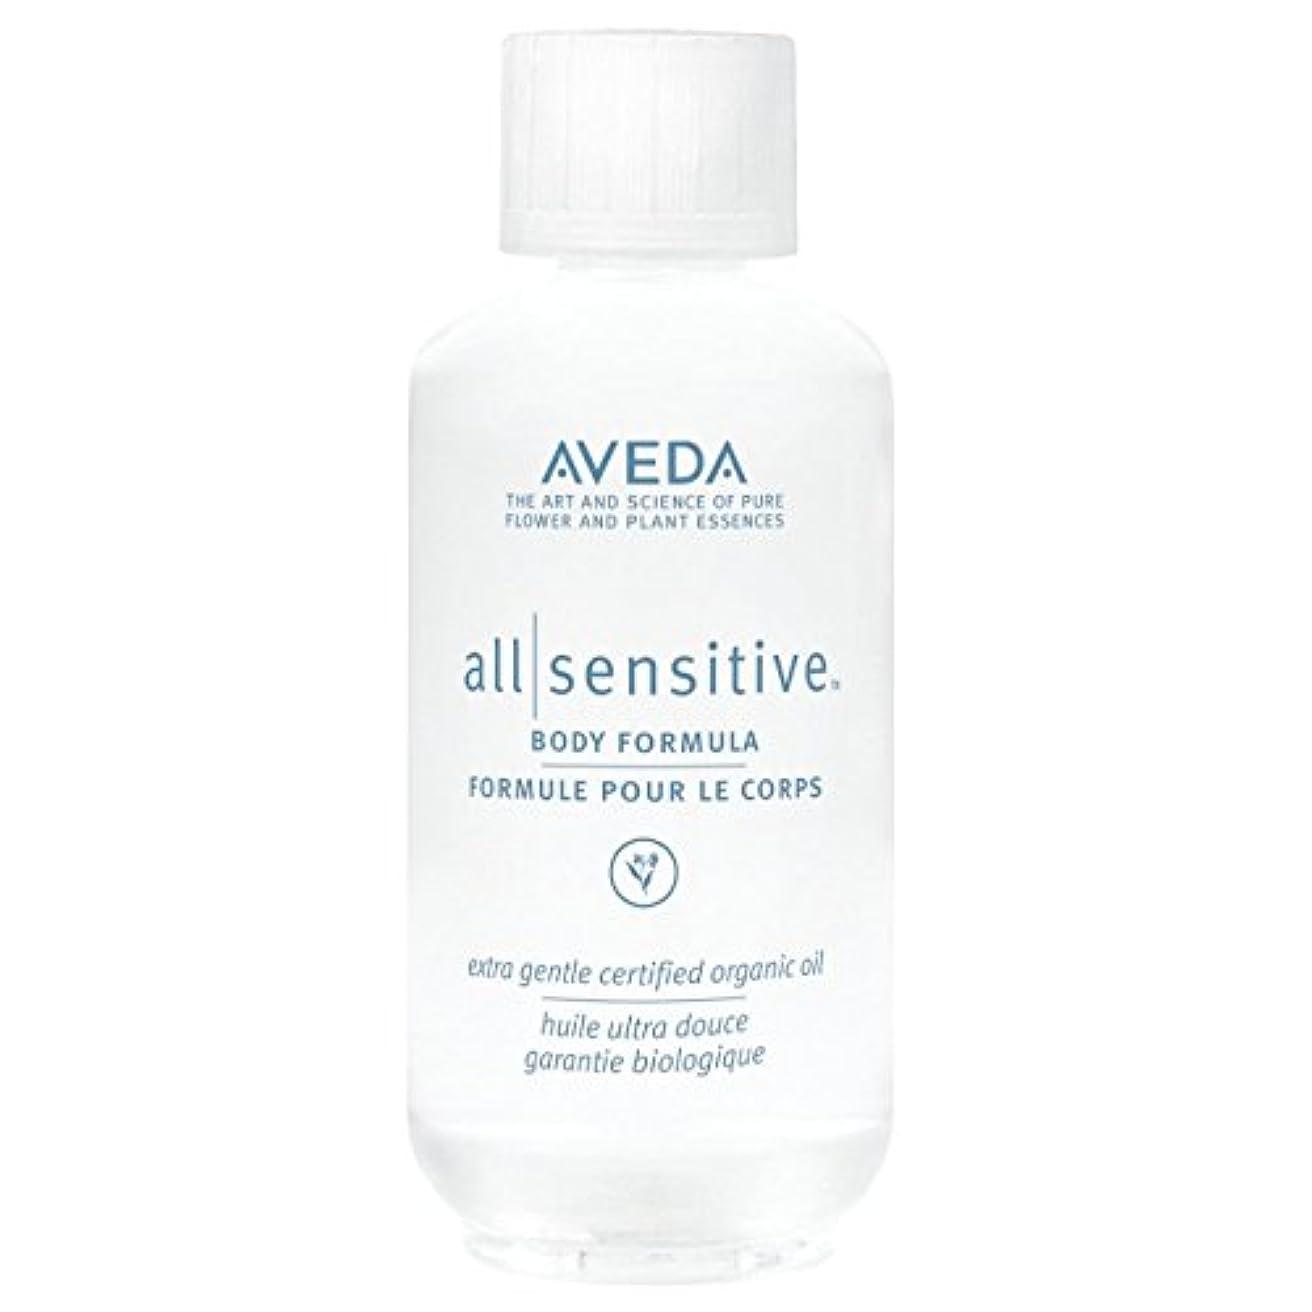 未来餌男やもめ[AVEDA] アヴェダすべての敏感な身体式50ミリリットル - Aveda All Sensitive Body Formula 50ml [並行輸入品]